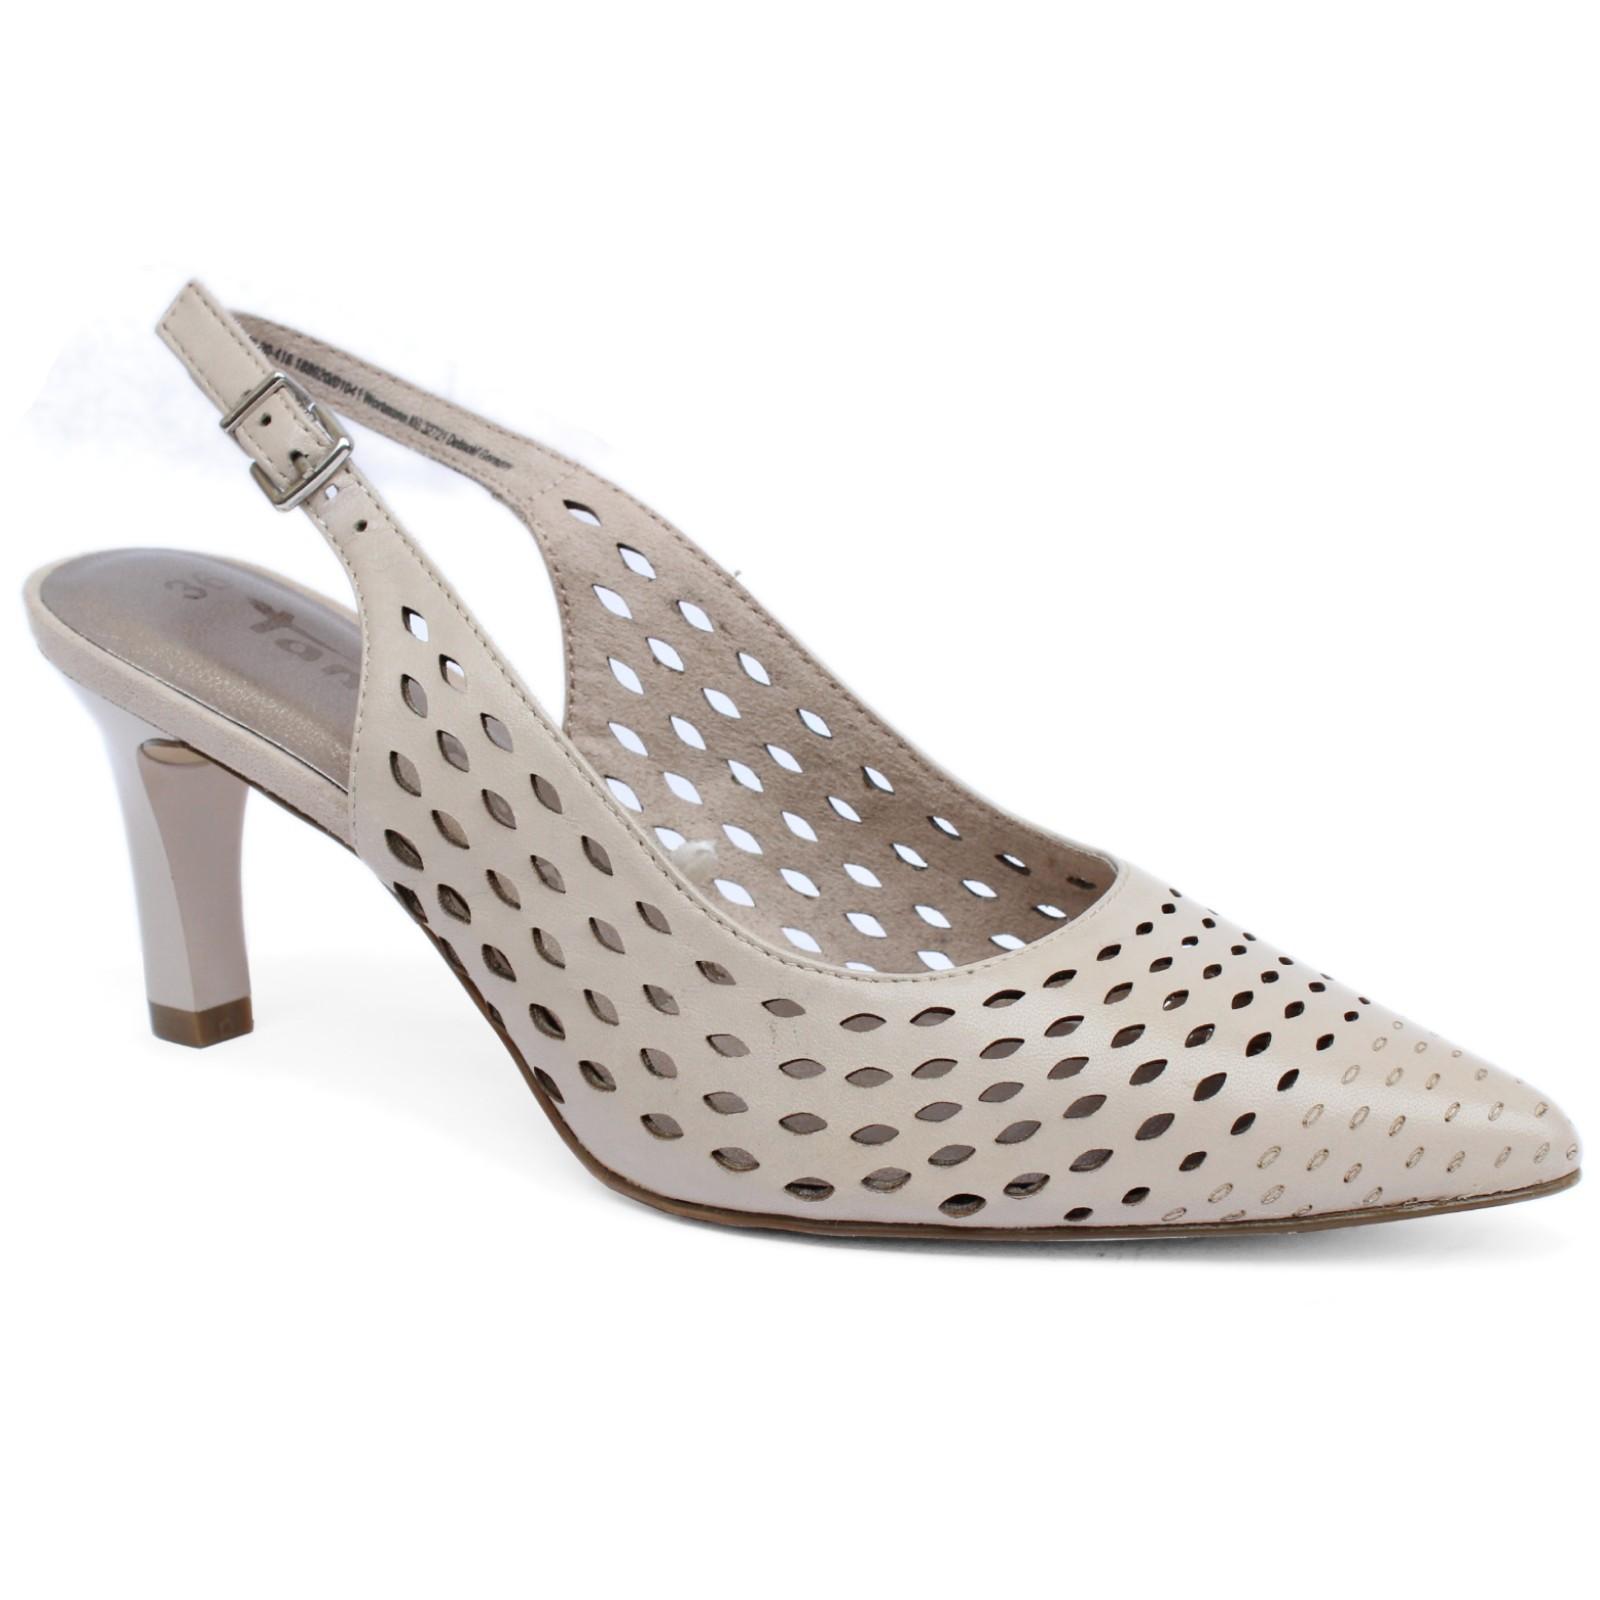 04361 Tamaris női szling 29606-20-418 - Női sling (hátul nyitott cipő) 5a8f925055